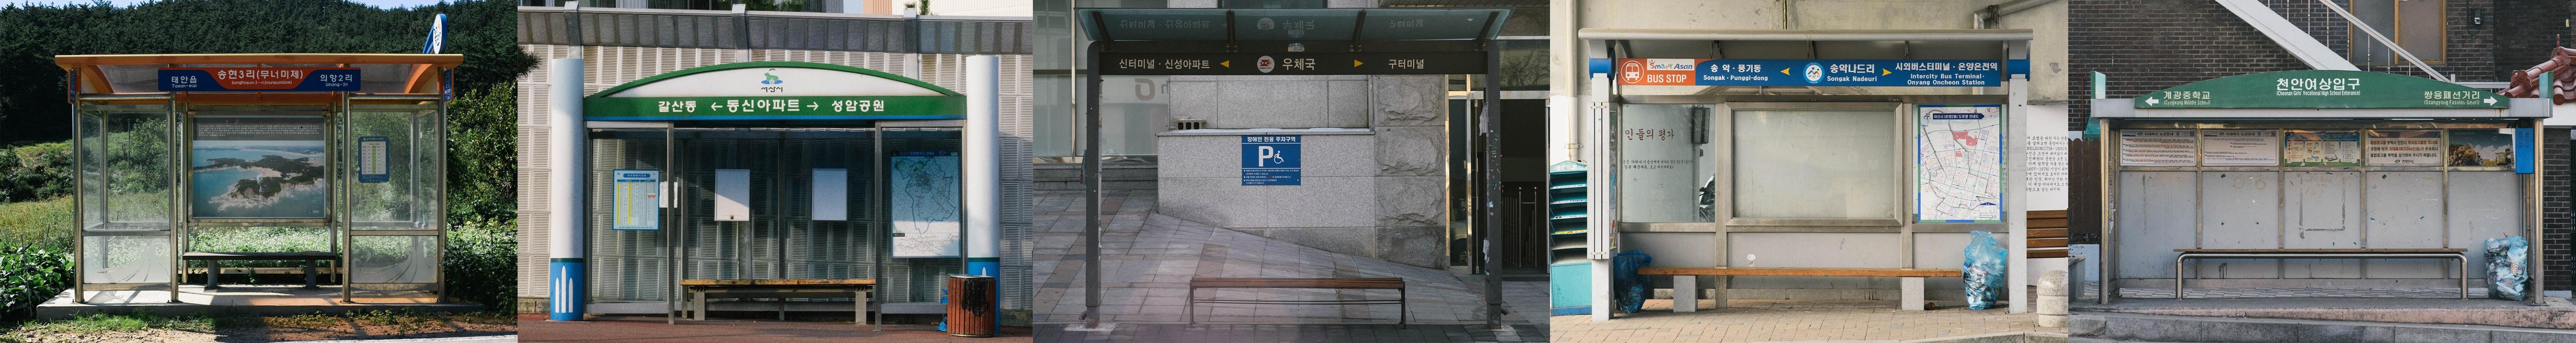 JacksonHung-Untitled-BusShelters